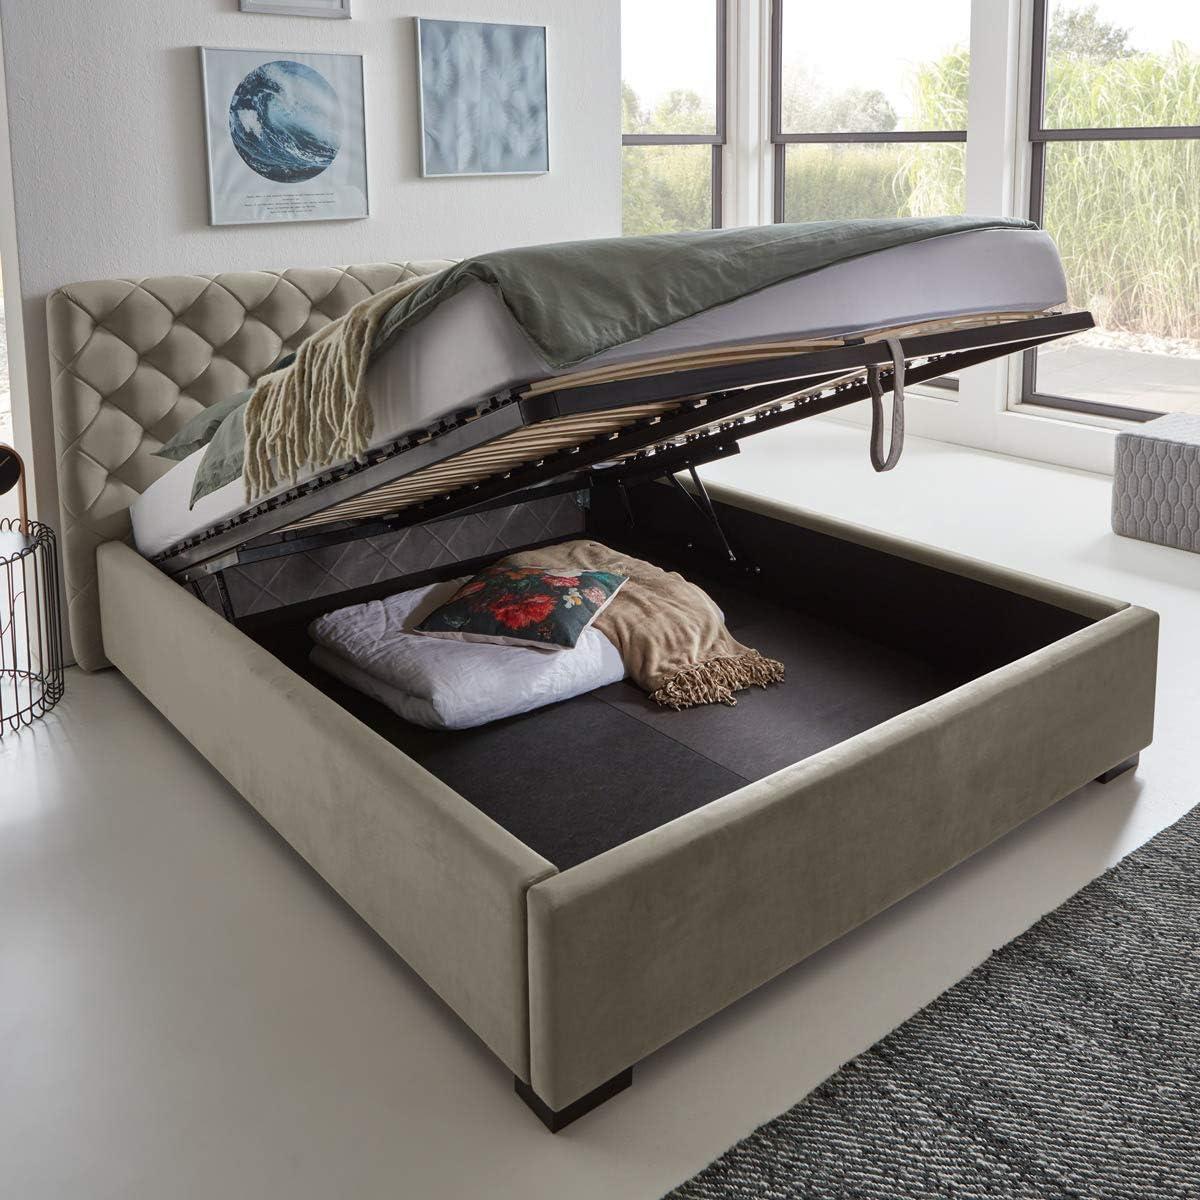 Moebella Elsa - Cama de diseño con cajón, de Terciopelo, con somier de láminas, Espacio de Almacenamiento, pie de Madera, Color Negro